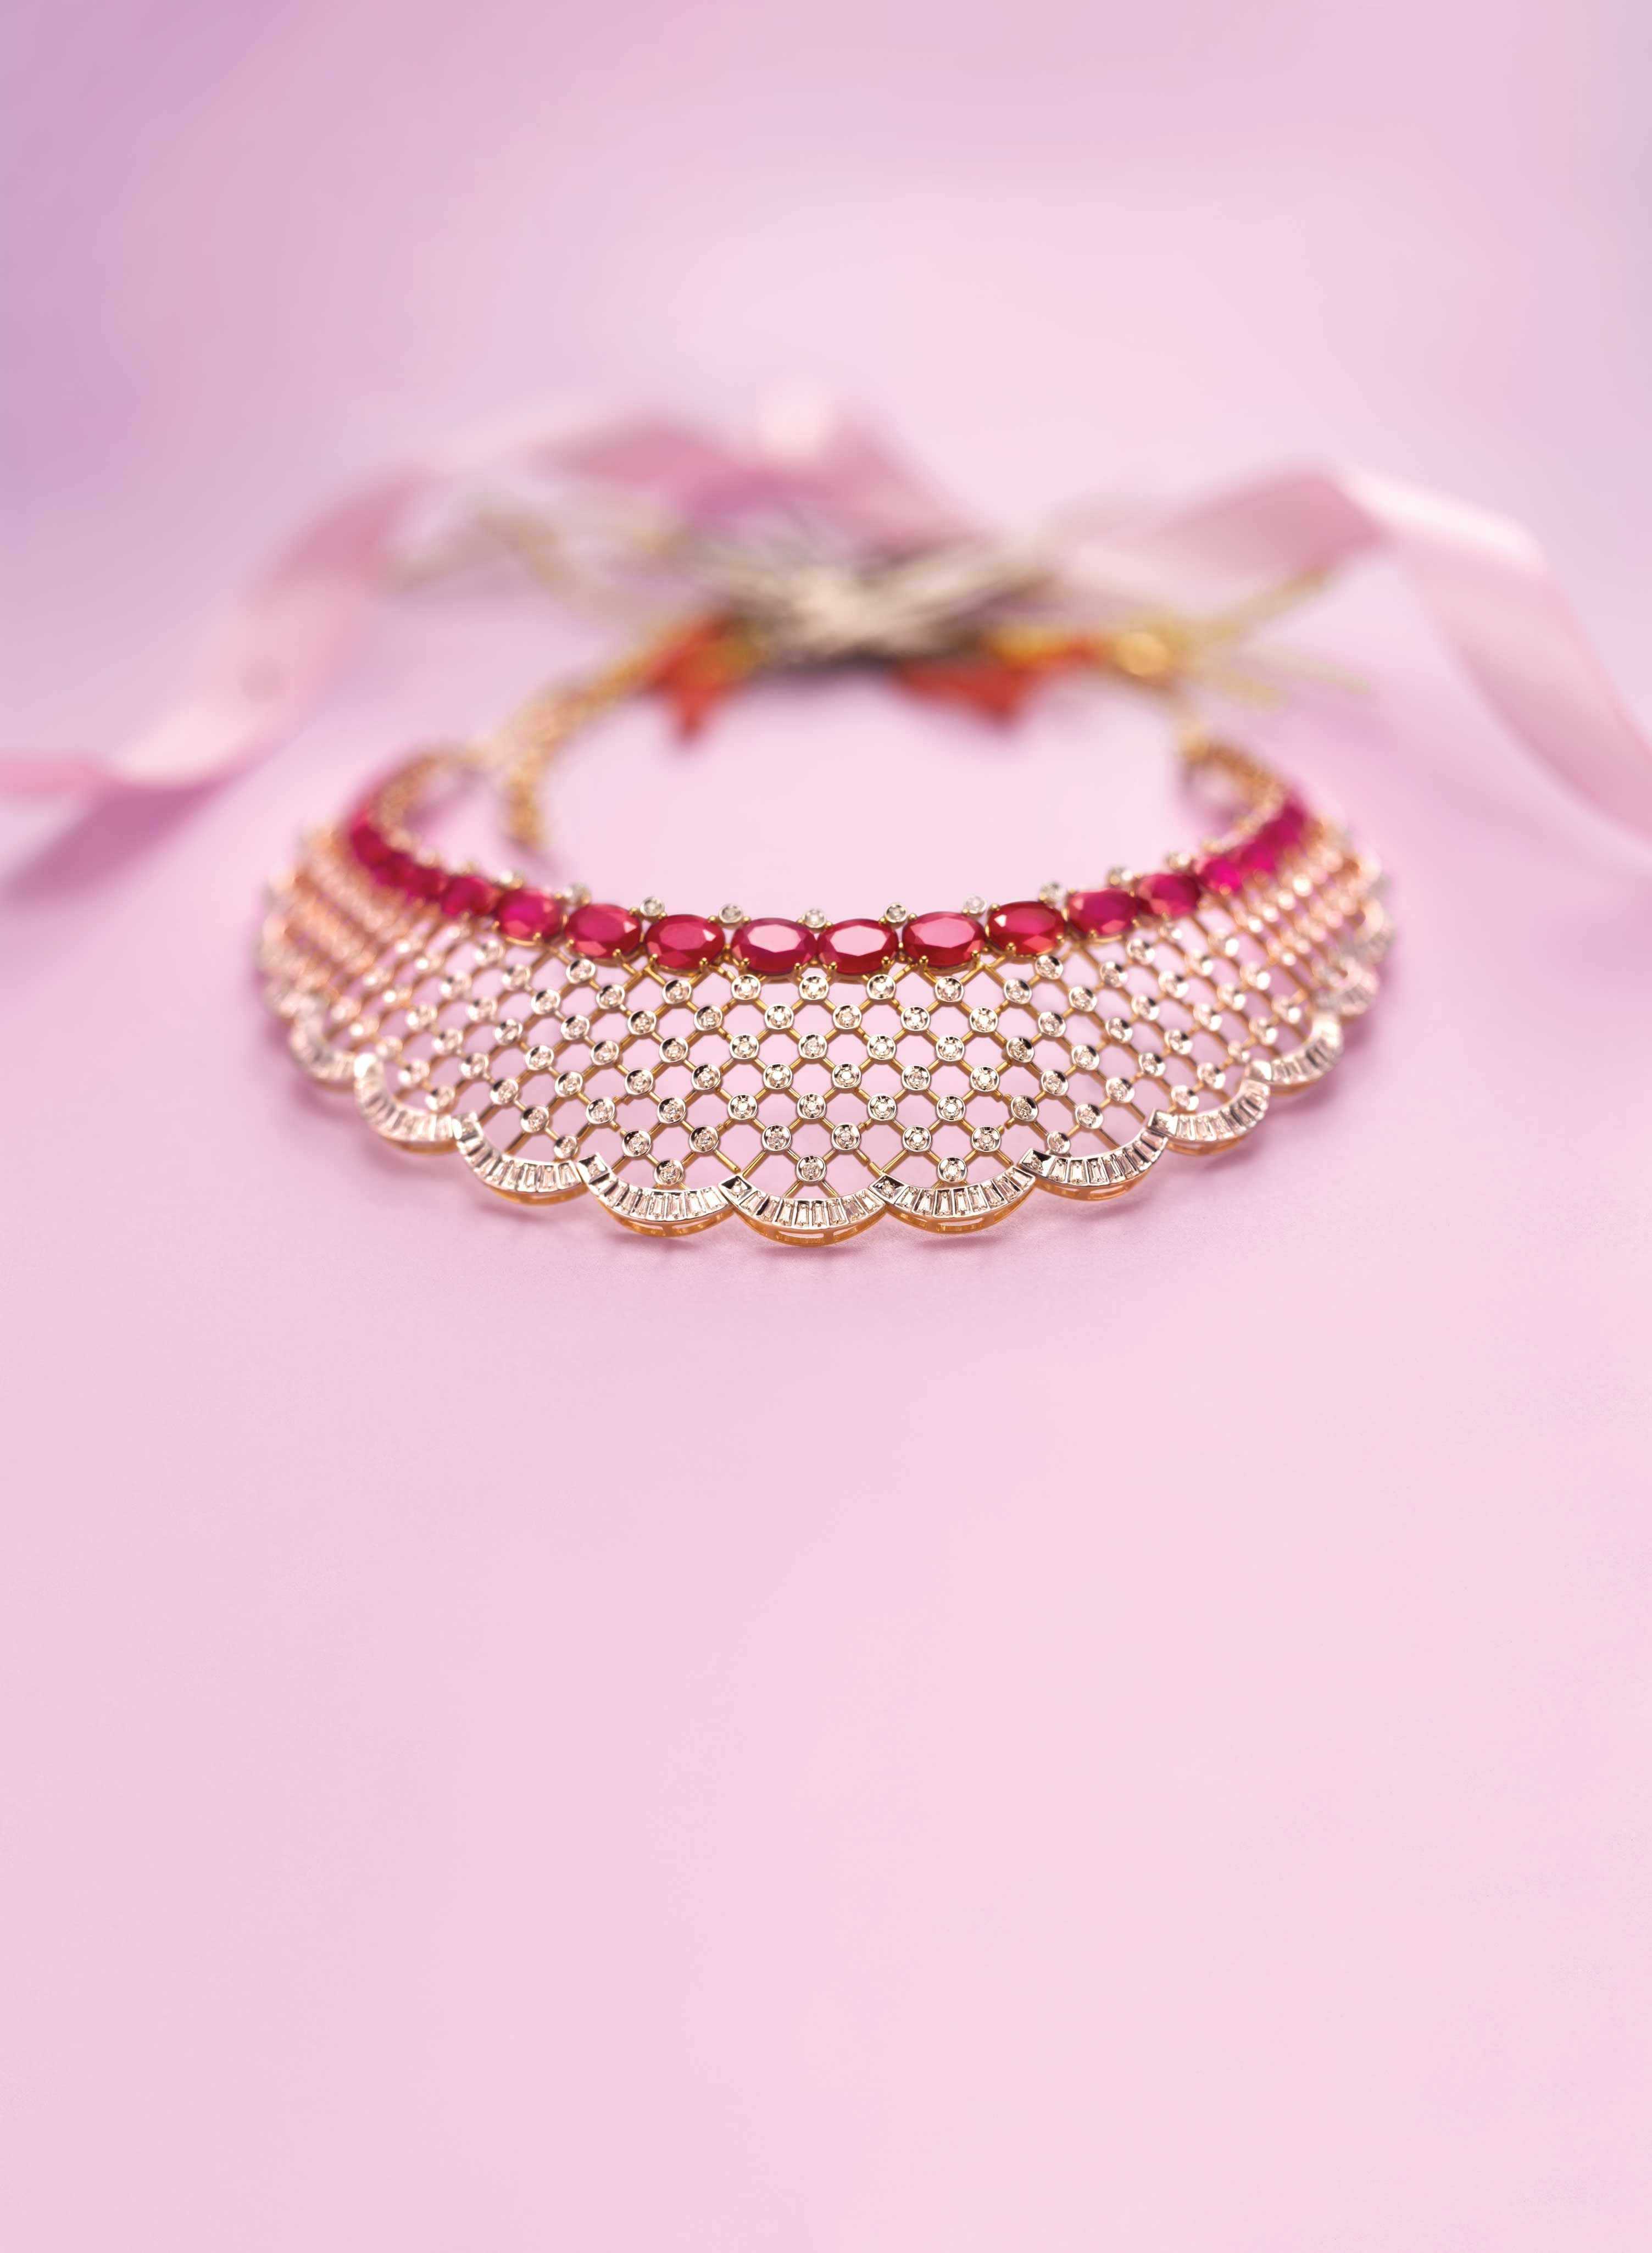 Tanishq jewelry | jewels of India | Pinterest | Jewel, Diamond and ...